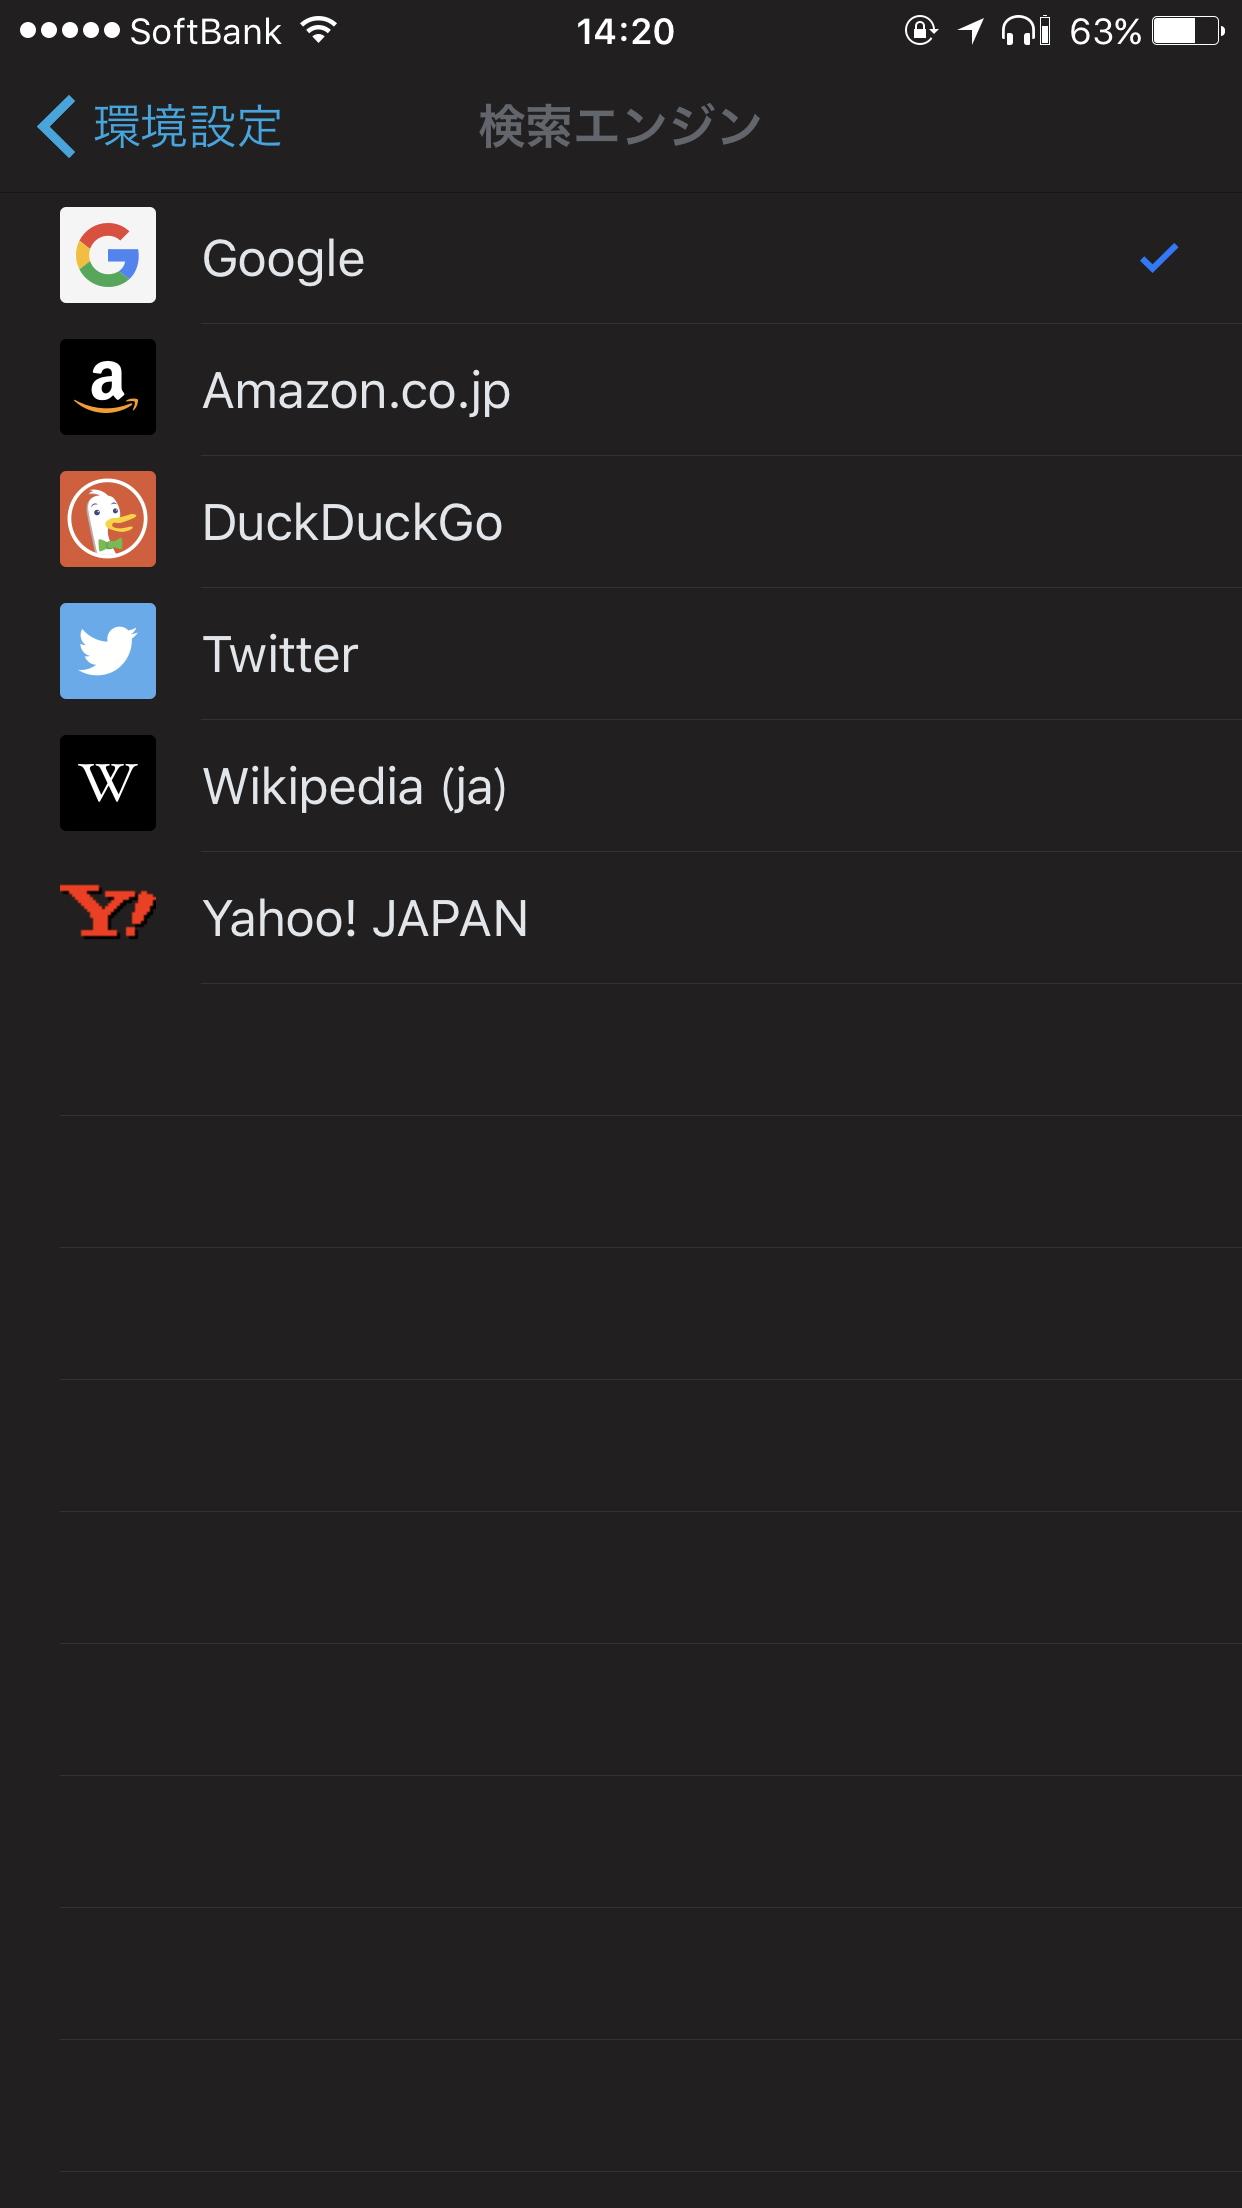 デフォルトの検索エンジンを変更するオプションが追加